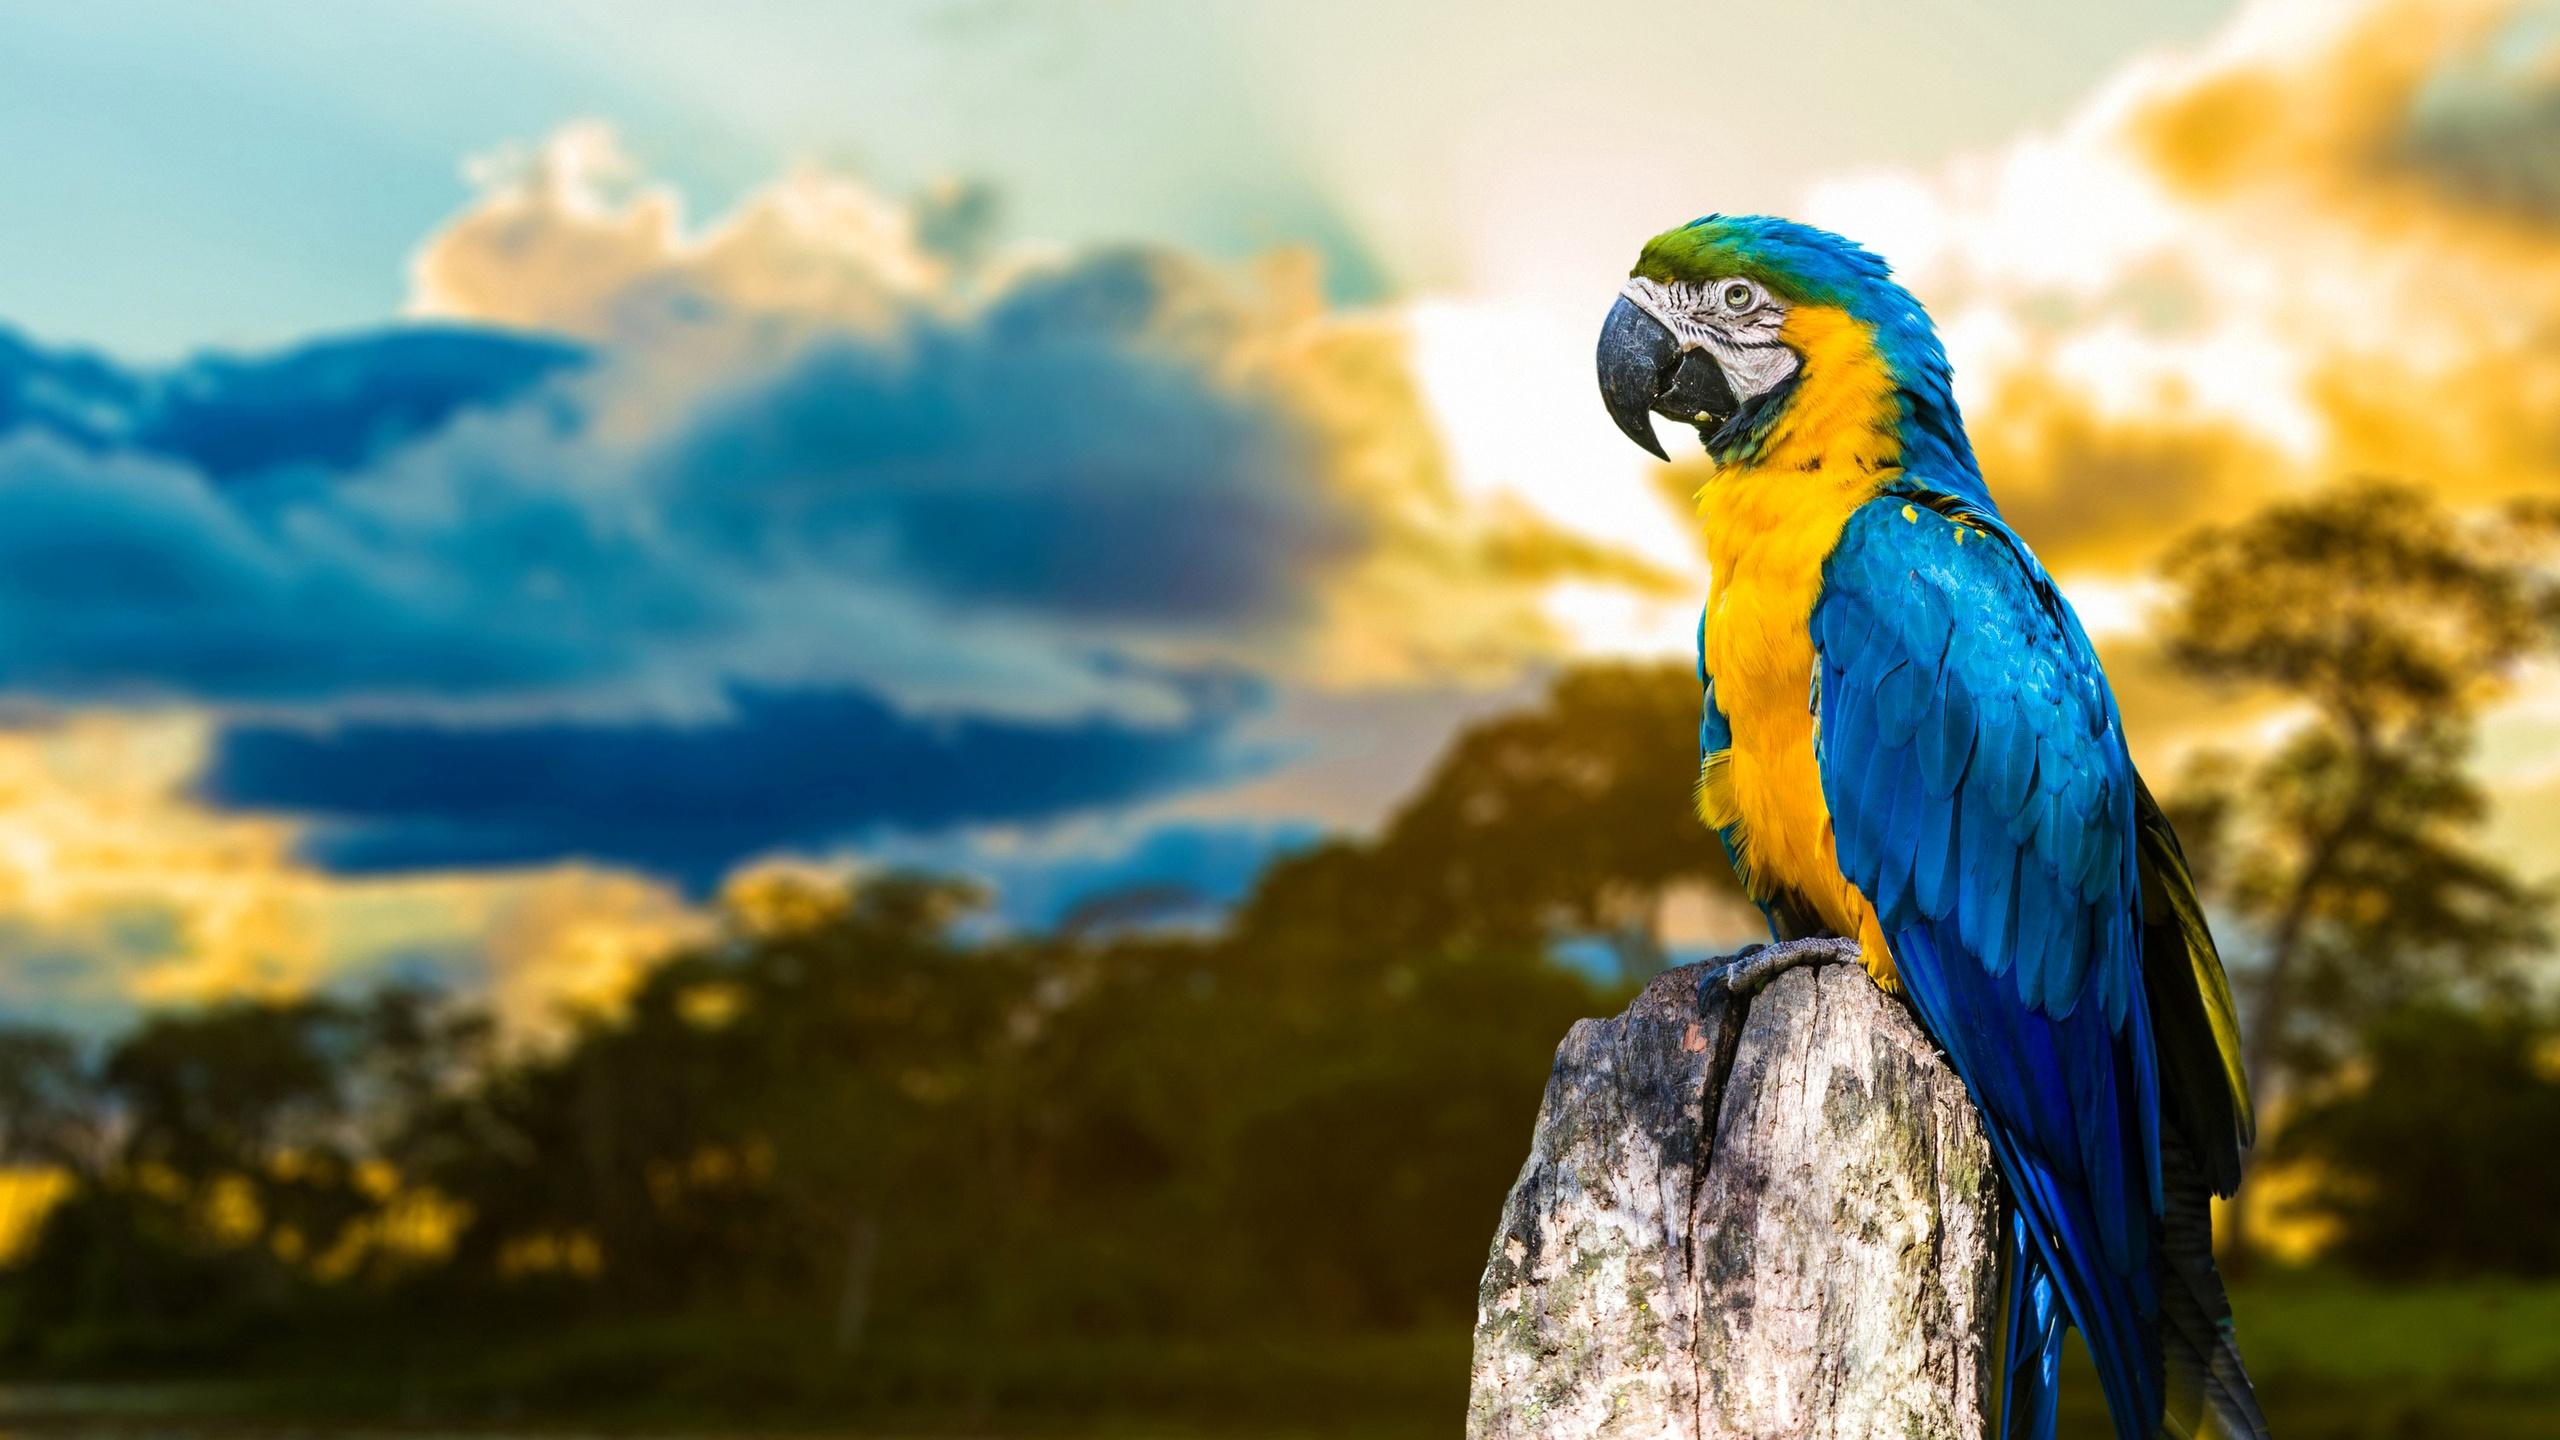 природа животные птицы попугаи  № 103590 загрузить